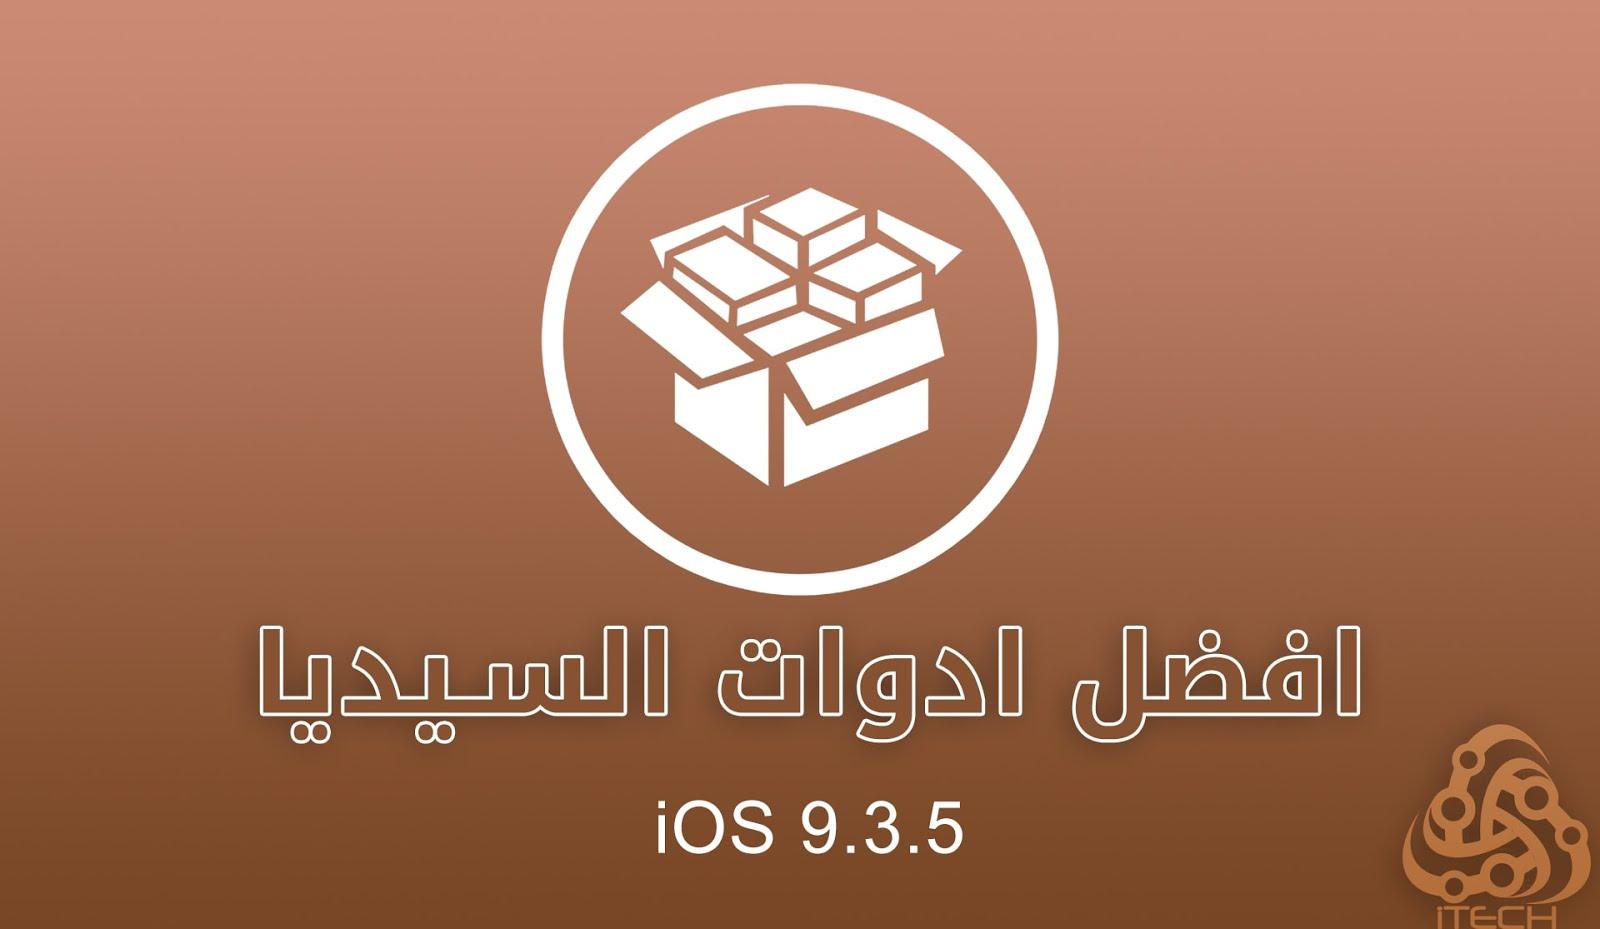 Best iOS 9.3.5 phoenix jailbreak tweaks